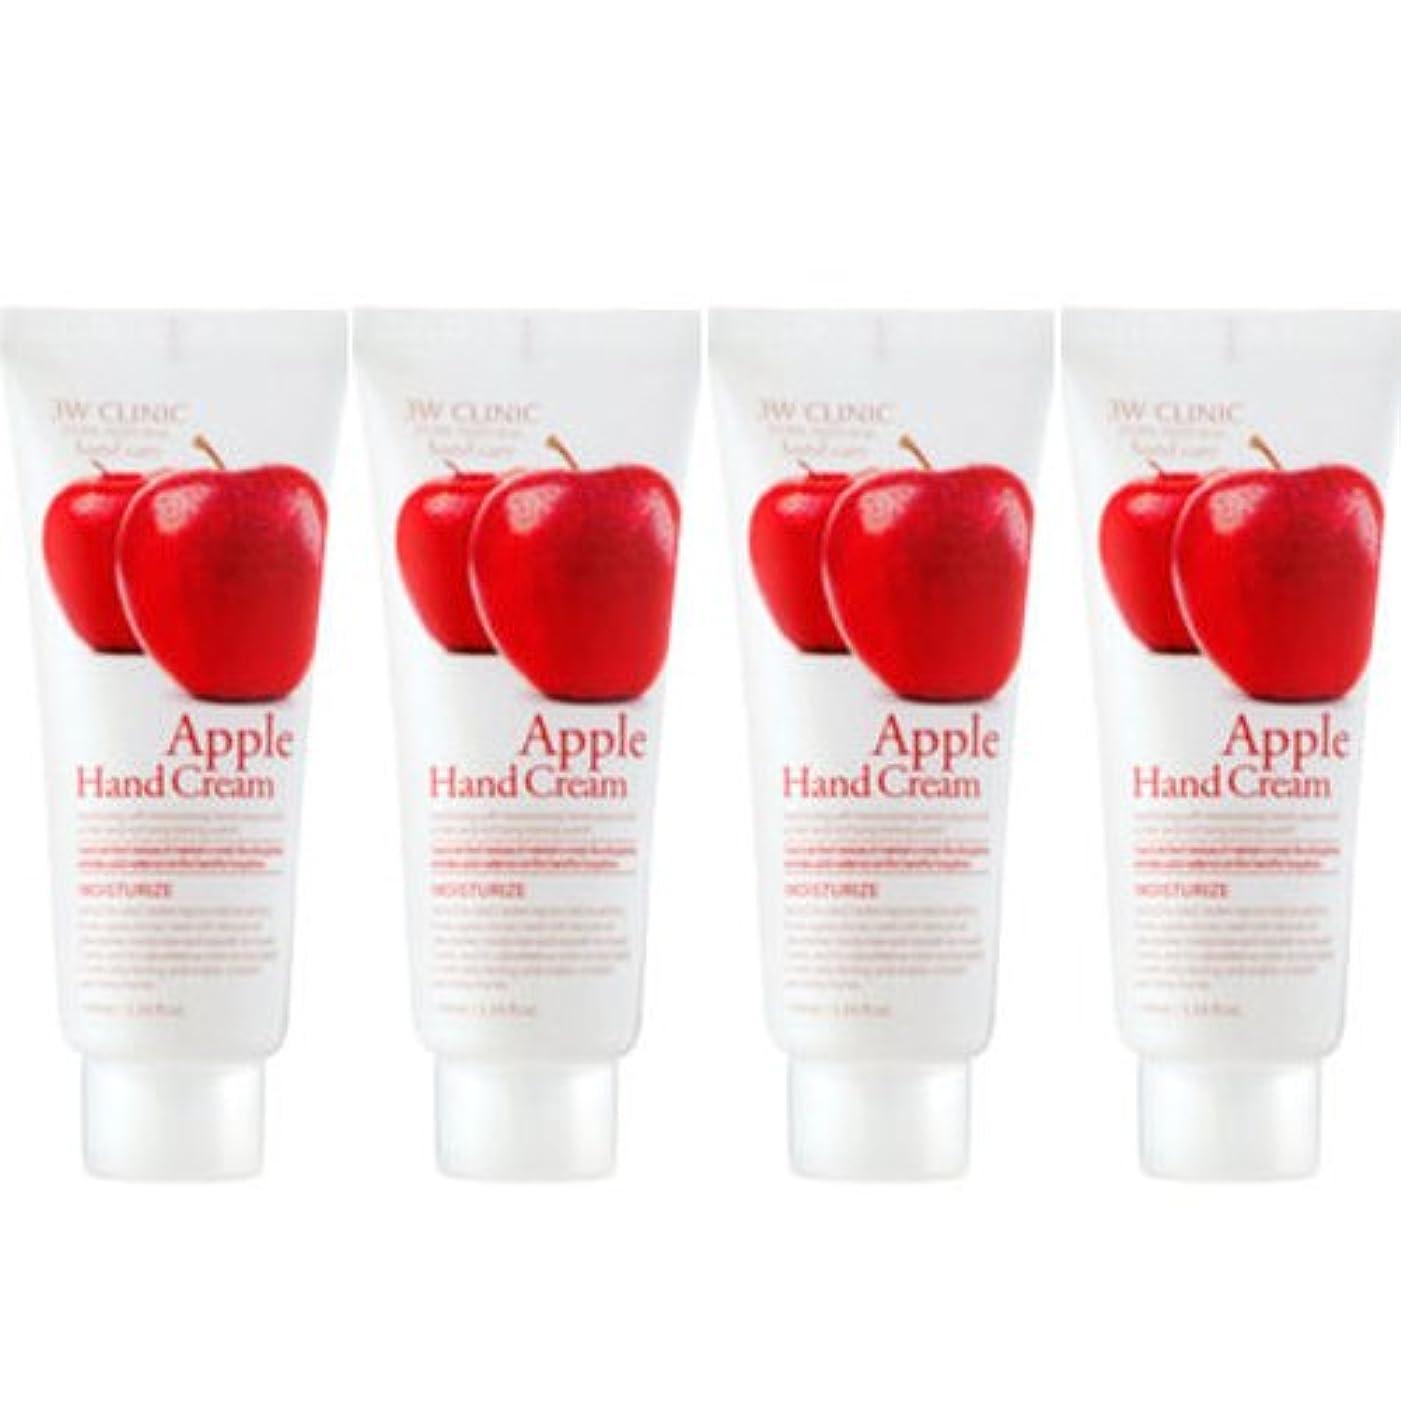 どちらか空いている機関3w Clinic[韓国コスメARRAHAN]Moisturizing Apple Hand Cream モイスチャーリングリンゴハンドクリーム100mlX4個 [並行輸入品]